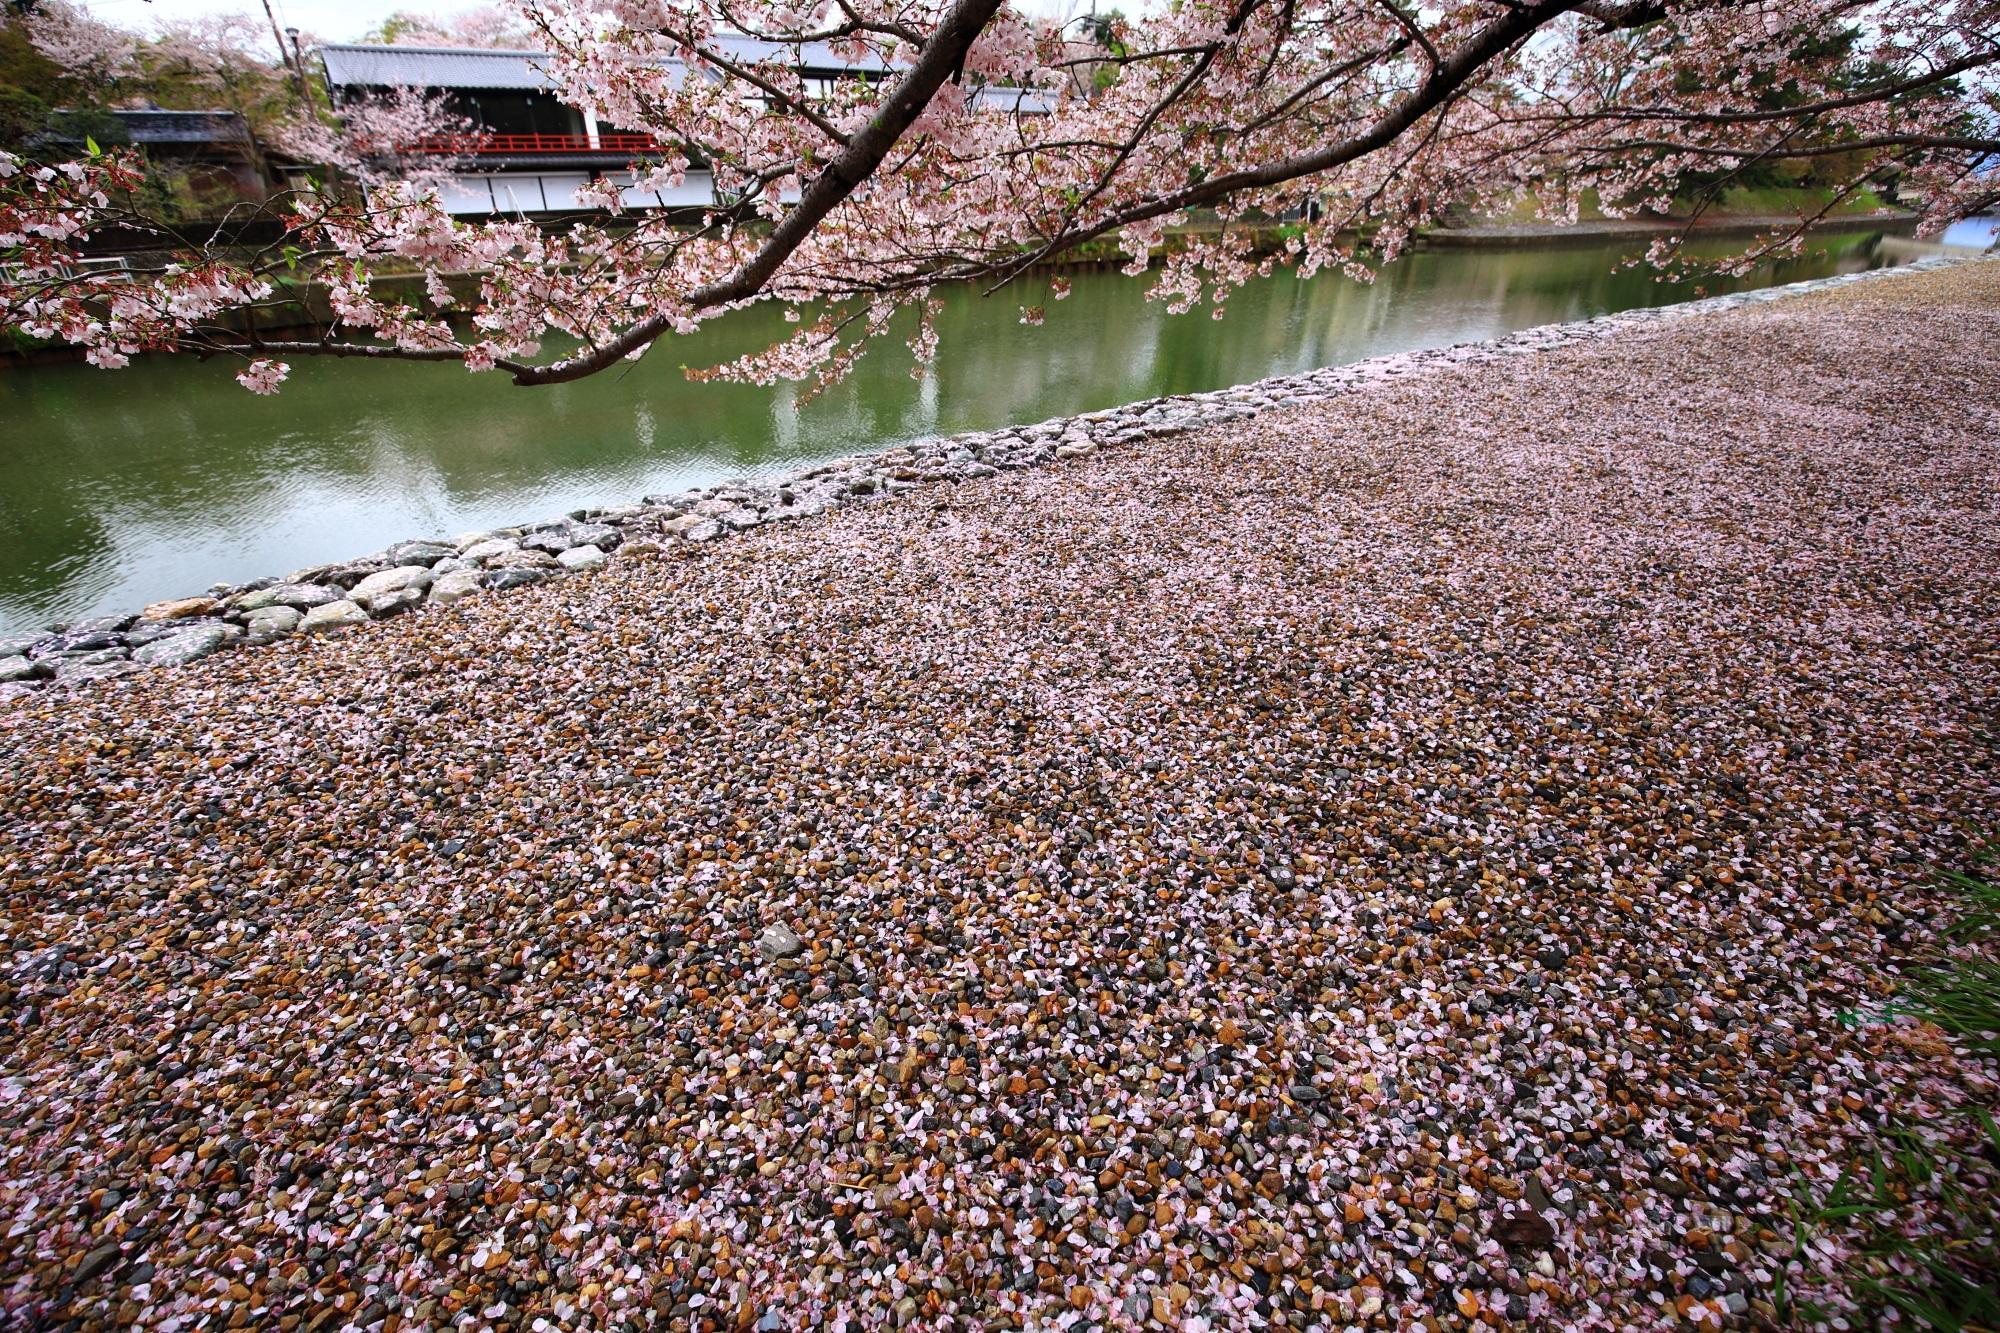 宇治川の素晴らしい散り桜と桜と春の情景